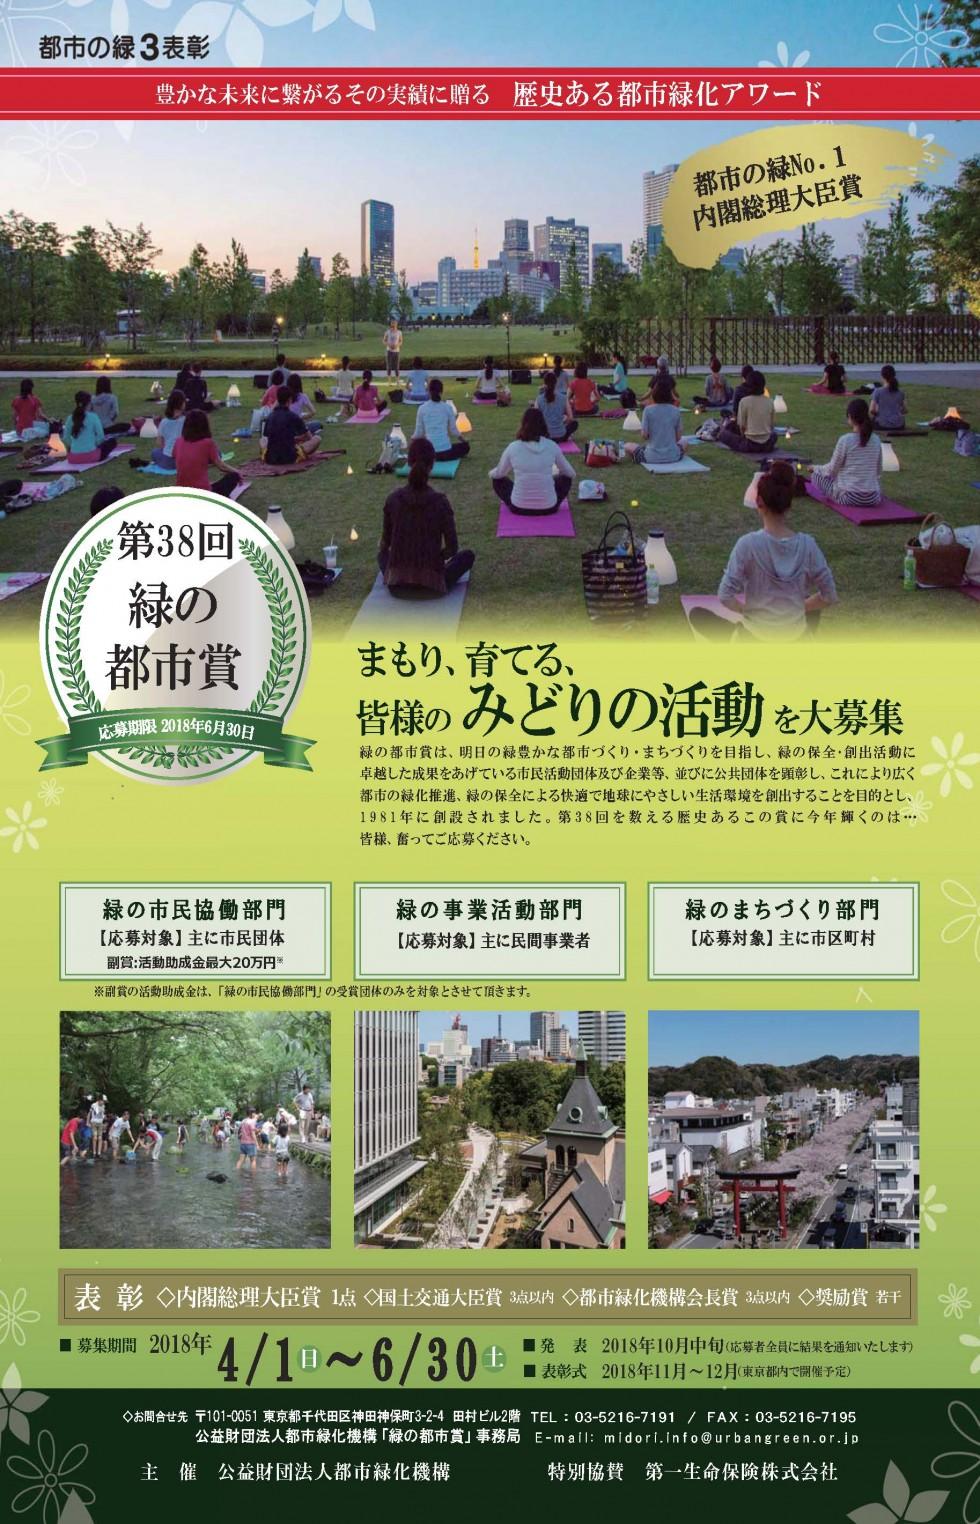 第38回 緑の都市賞 募集案内